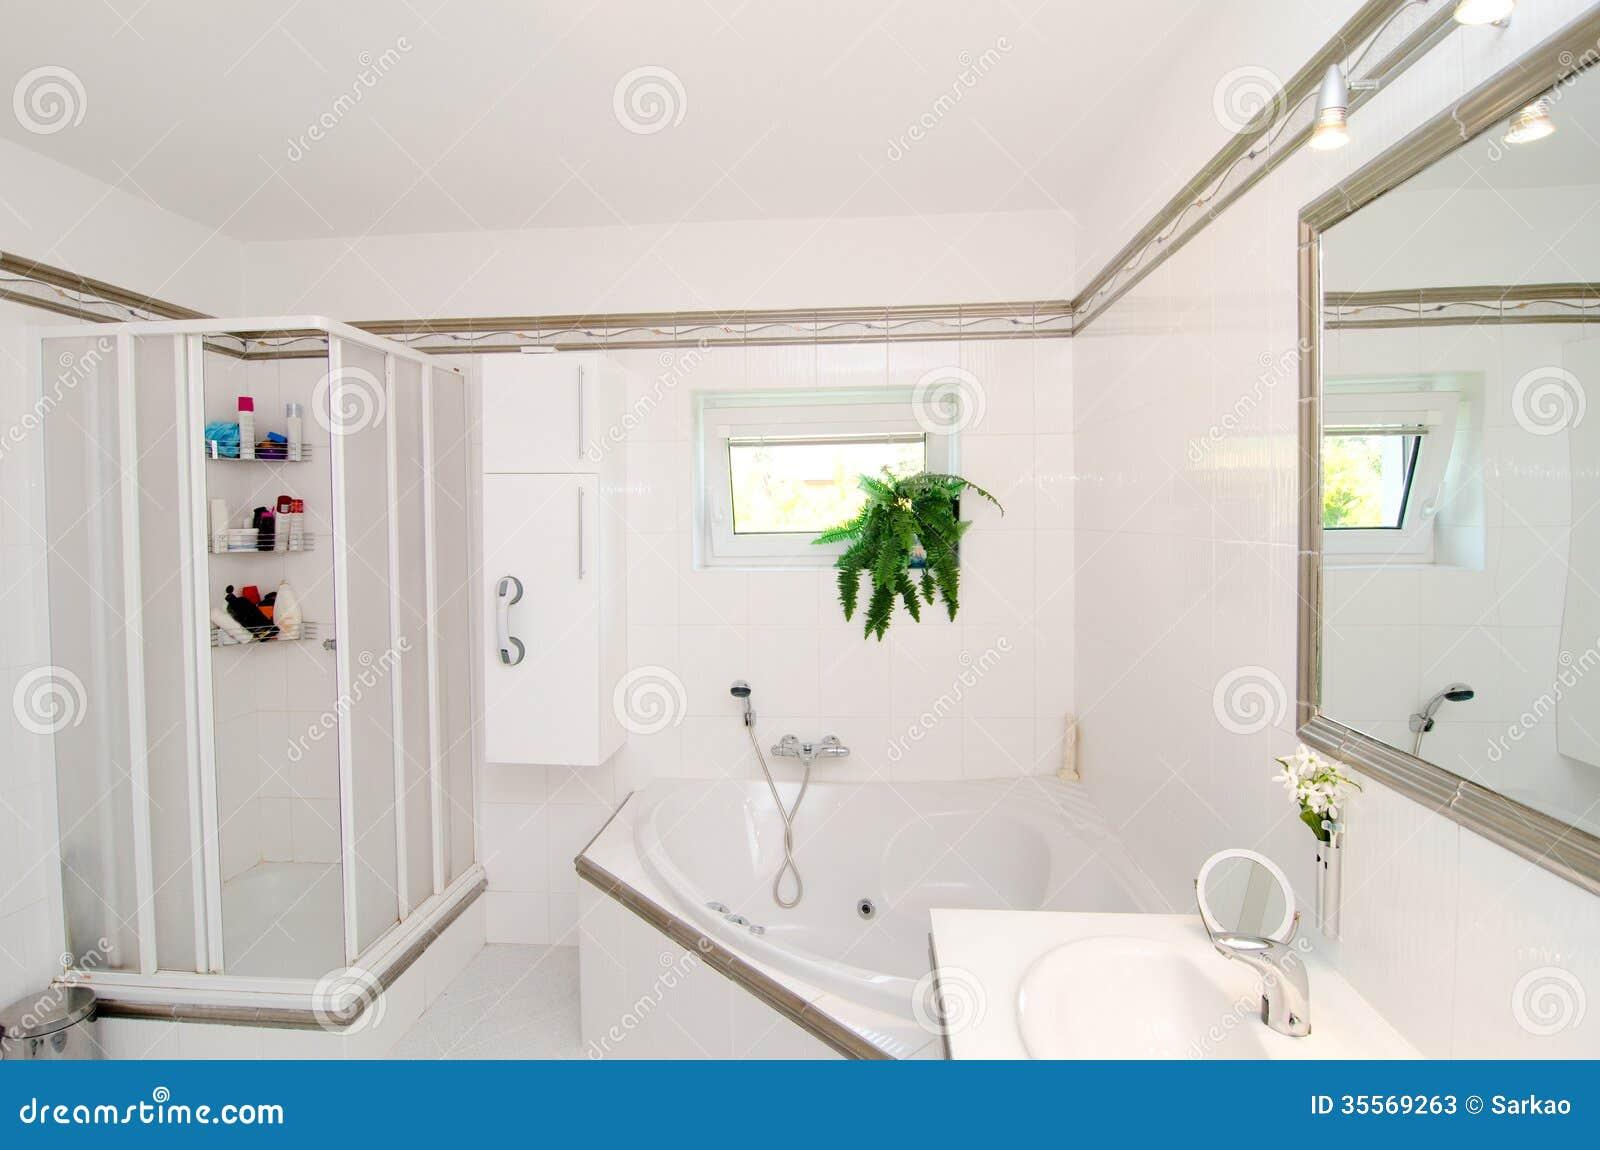 Baño De Lujo Moderno:Cuarto De Baño De Lujo Moderno Fotos de archivo – Imagen: 35569263